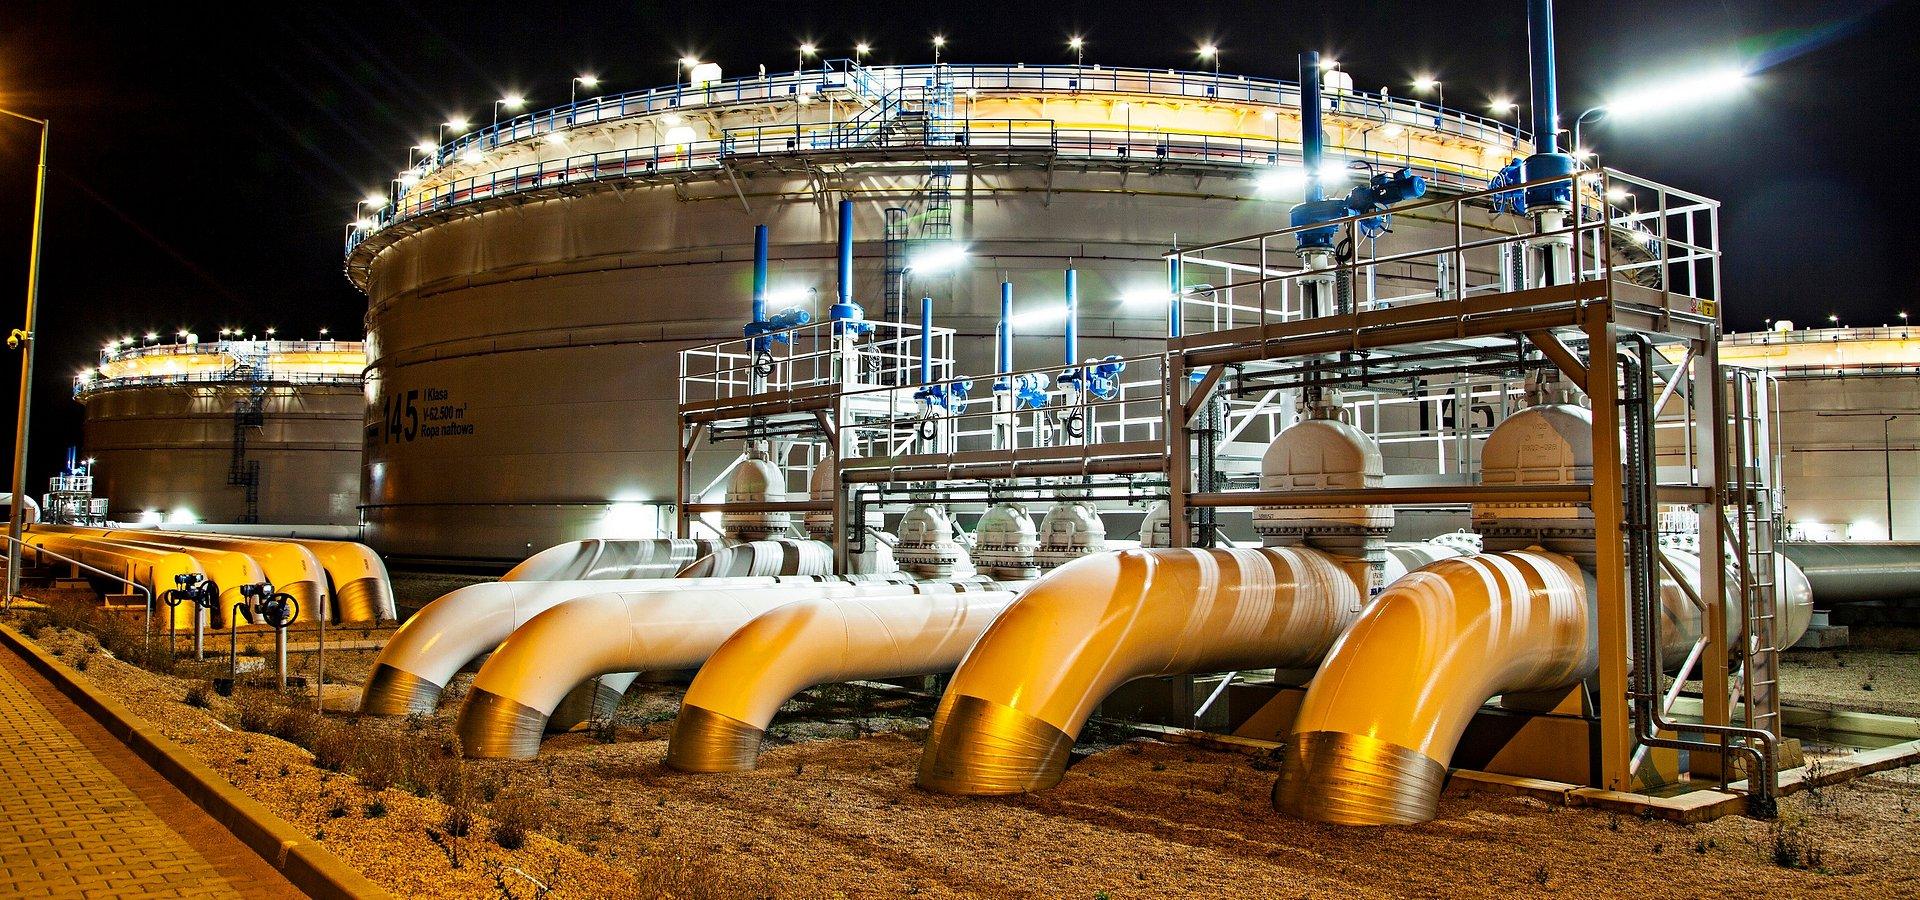 Nowe zbiorniki w TNG: przygotowania do wykonania fundamentów